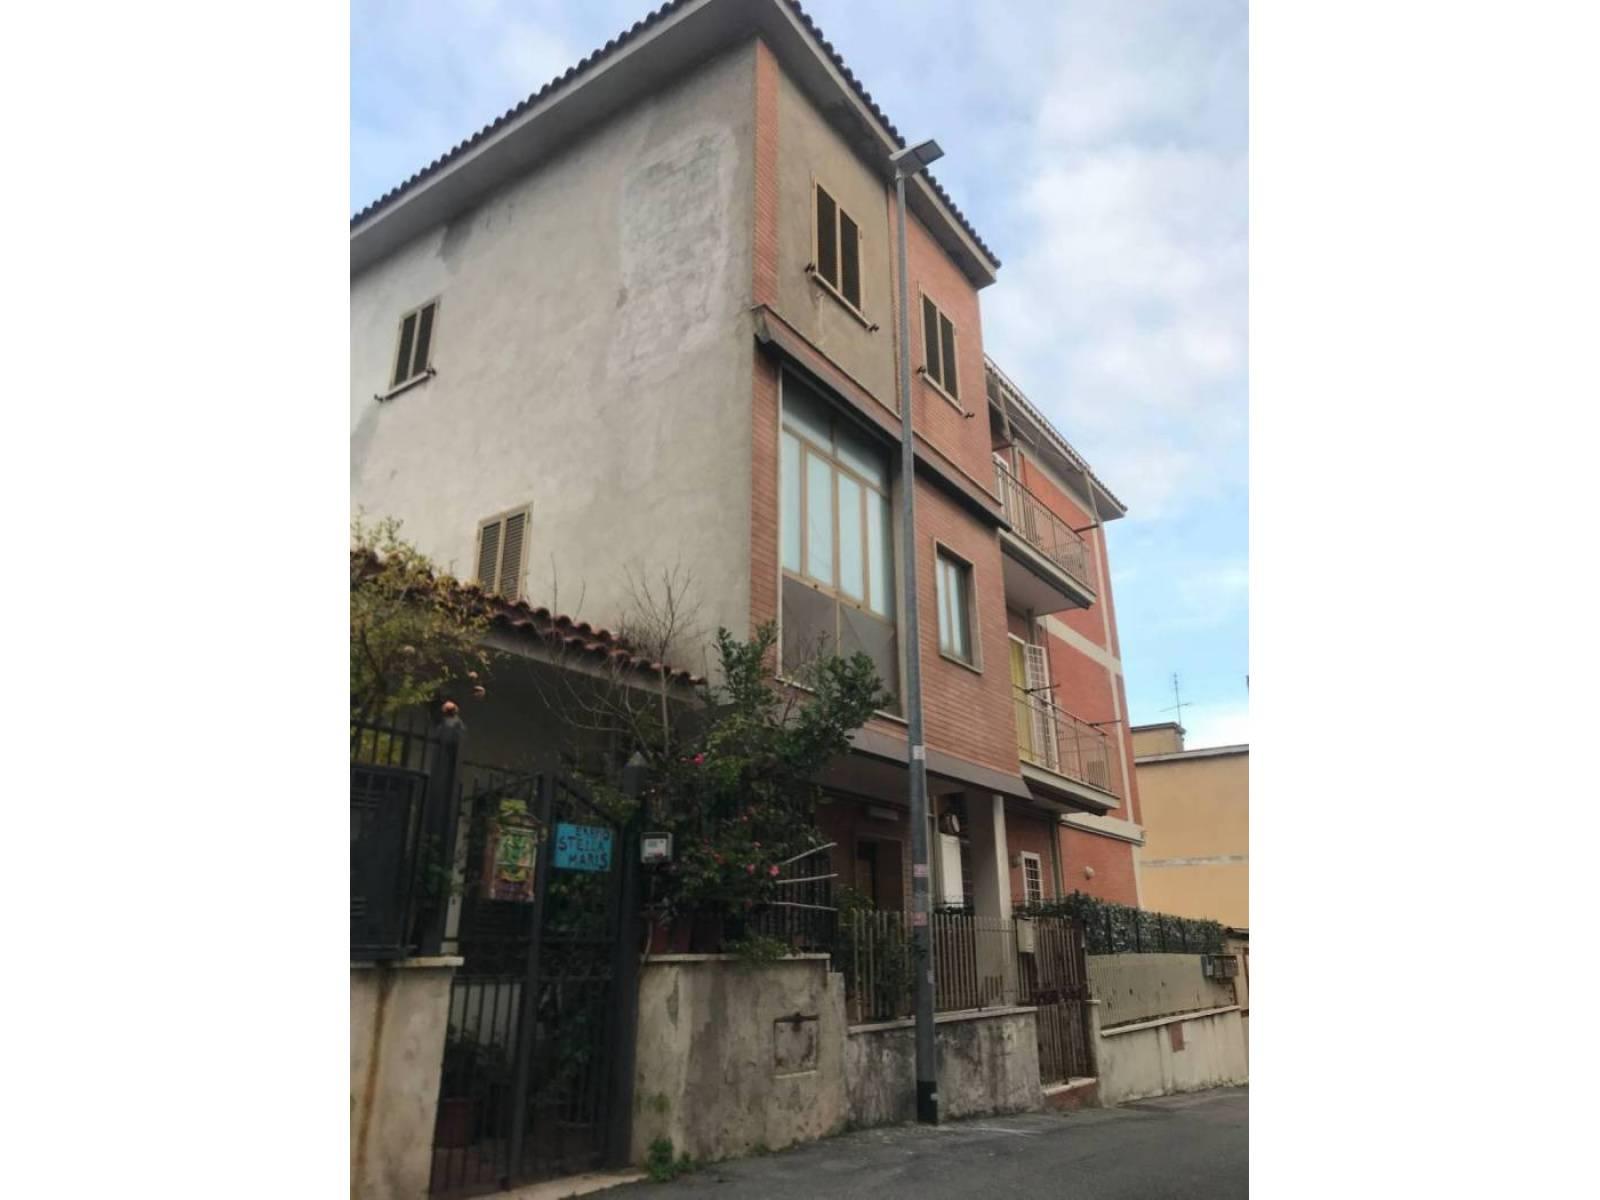 1118419188 Plurilocale (6) in Via Grugliasco, Roma, Zona Cornelia